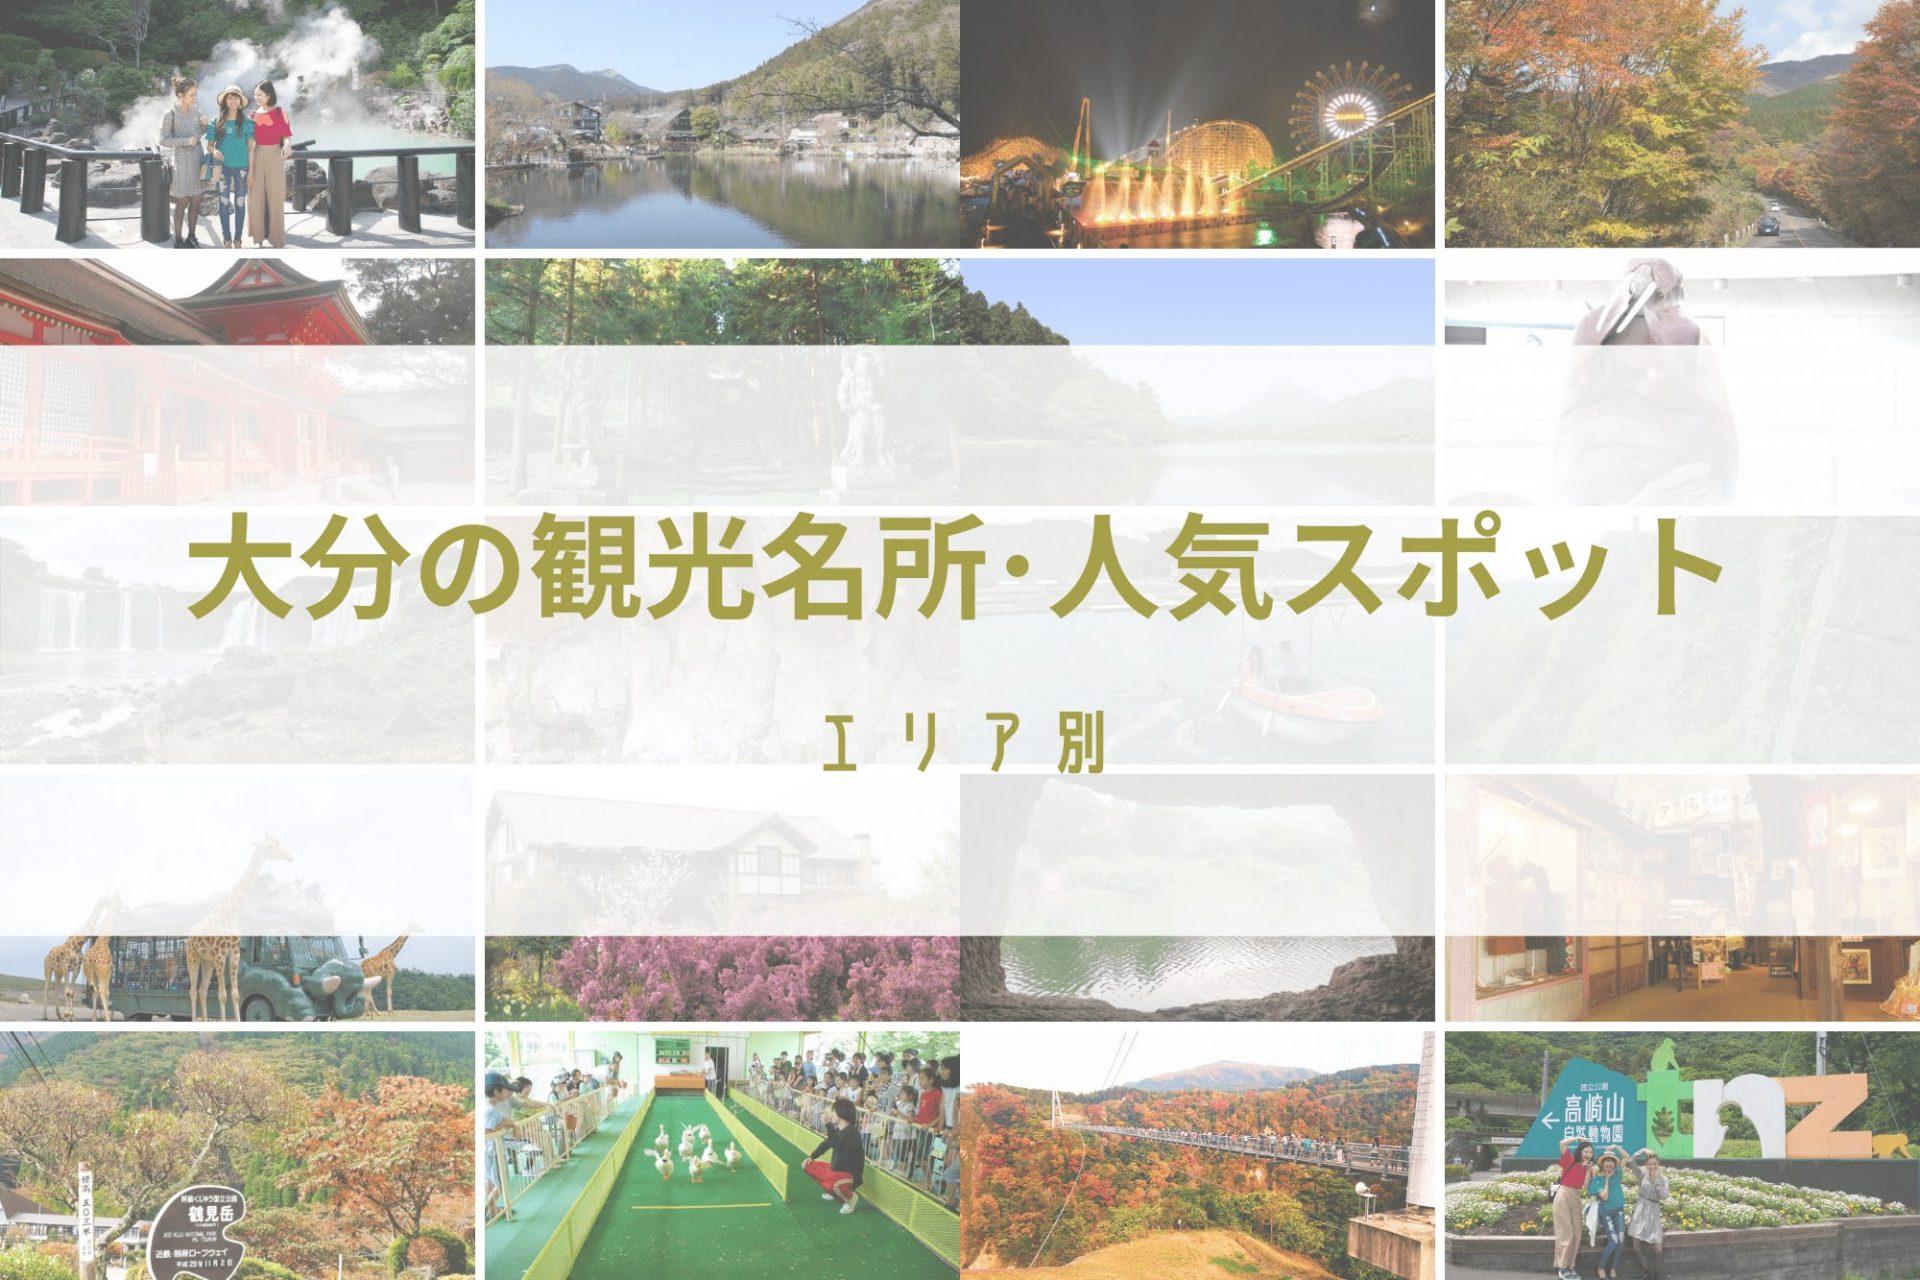 大分県 観光 名所 人気 おすすめ 九州 旅行